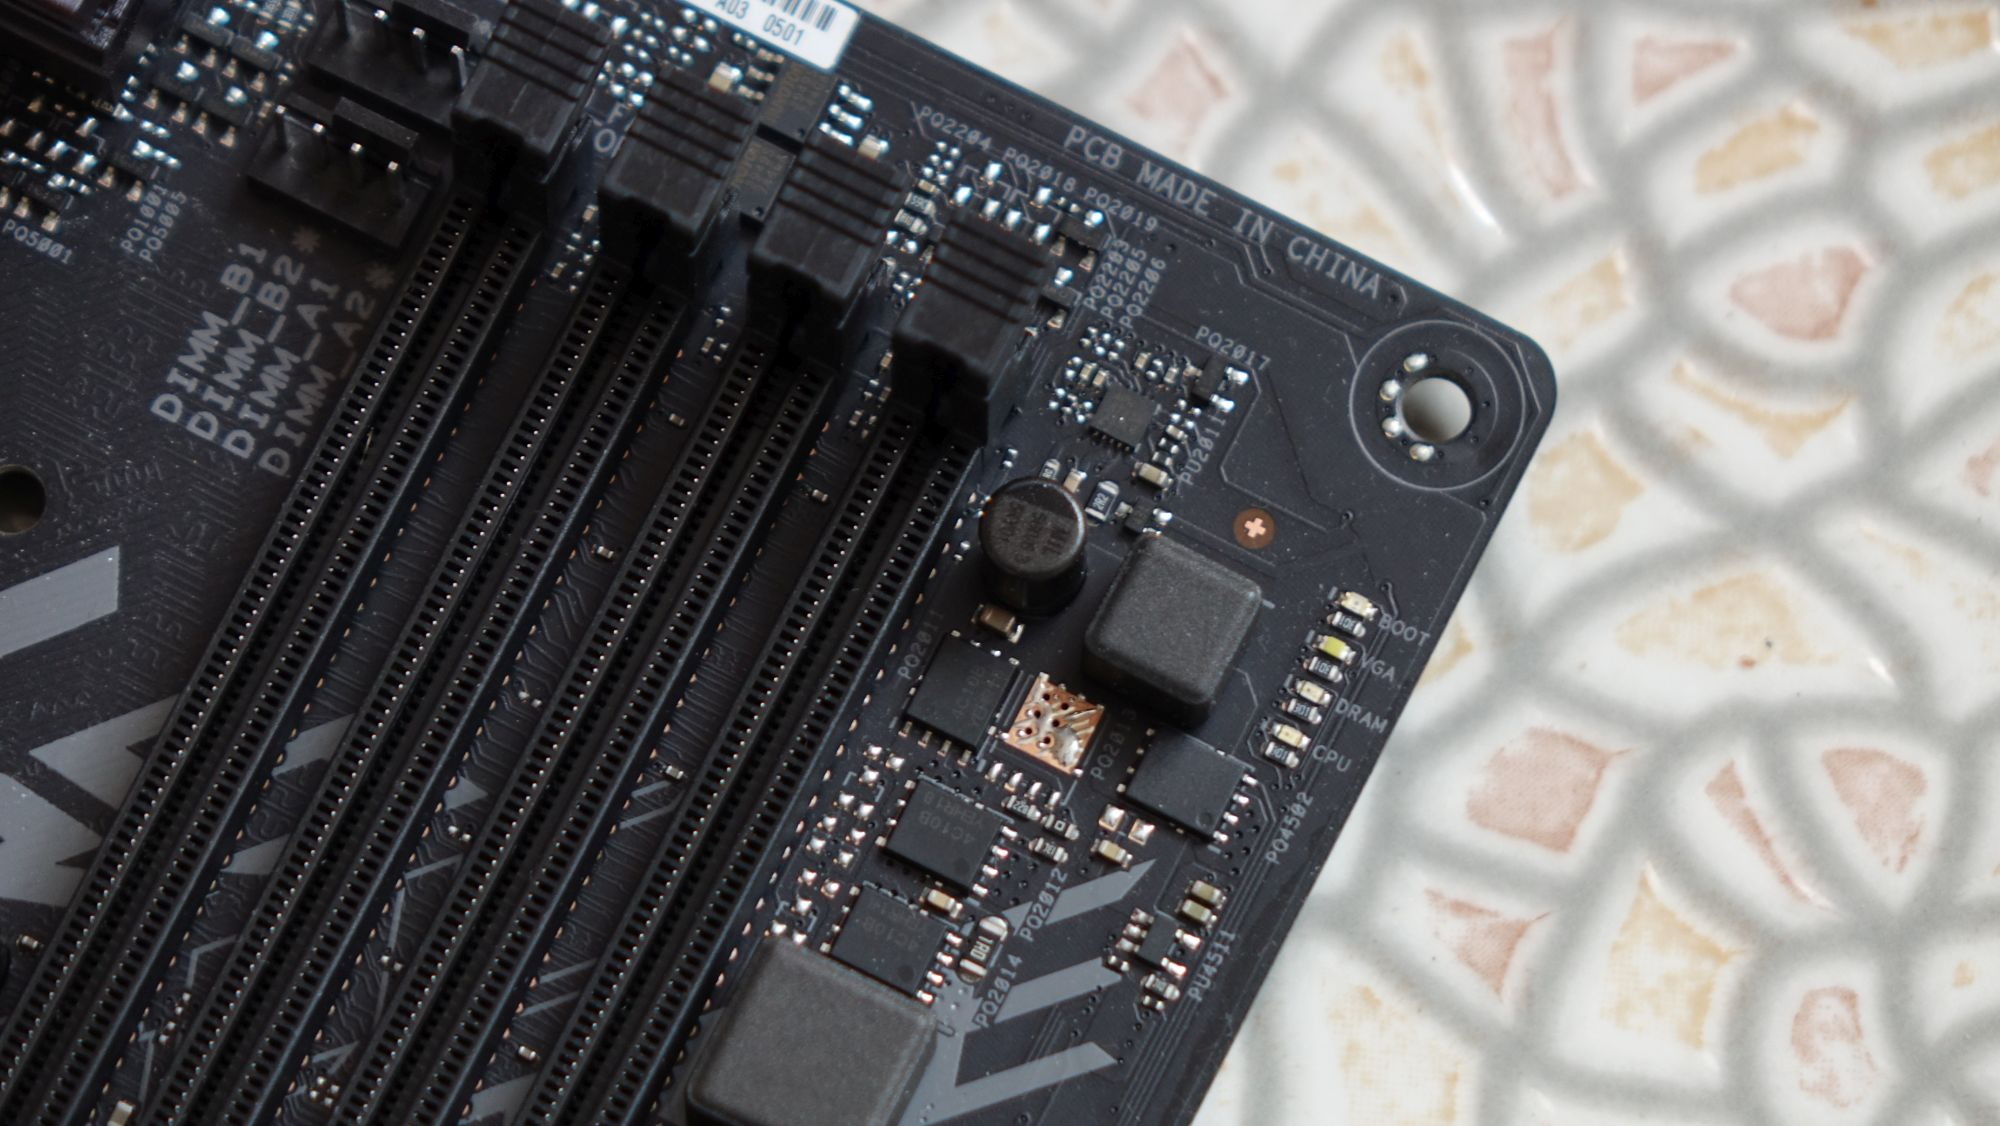 ASUS ROG Strix H370-F Gaming индикаторы